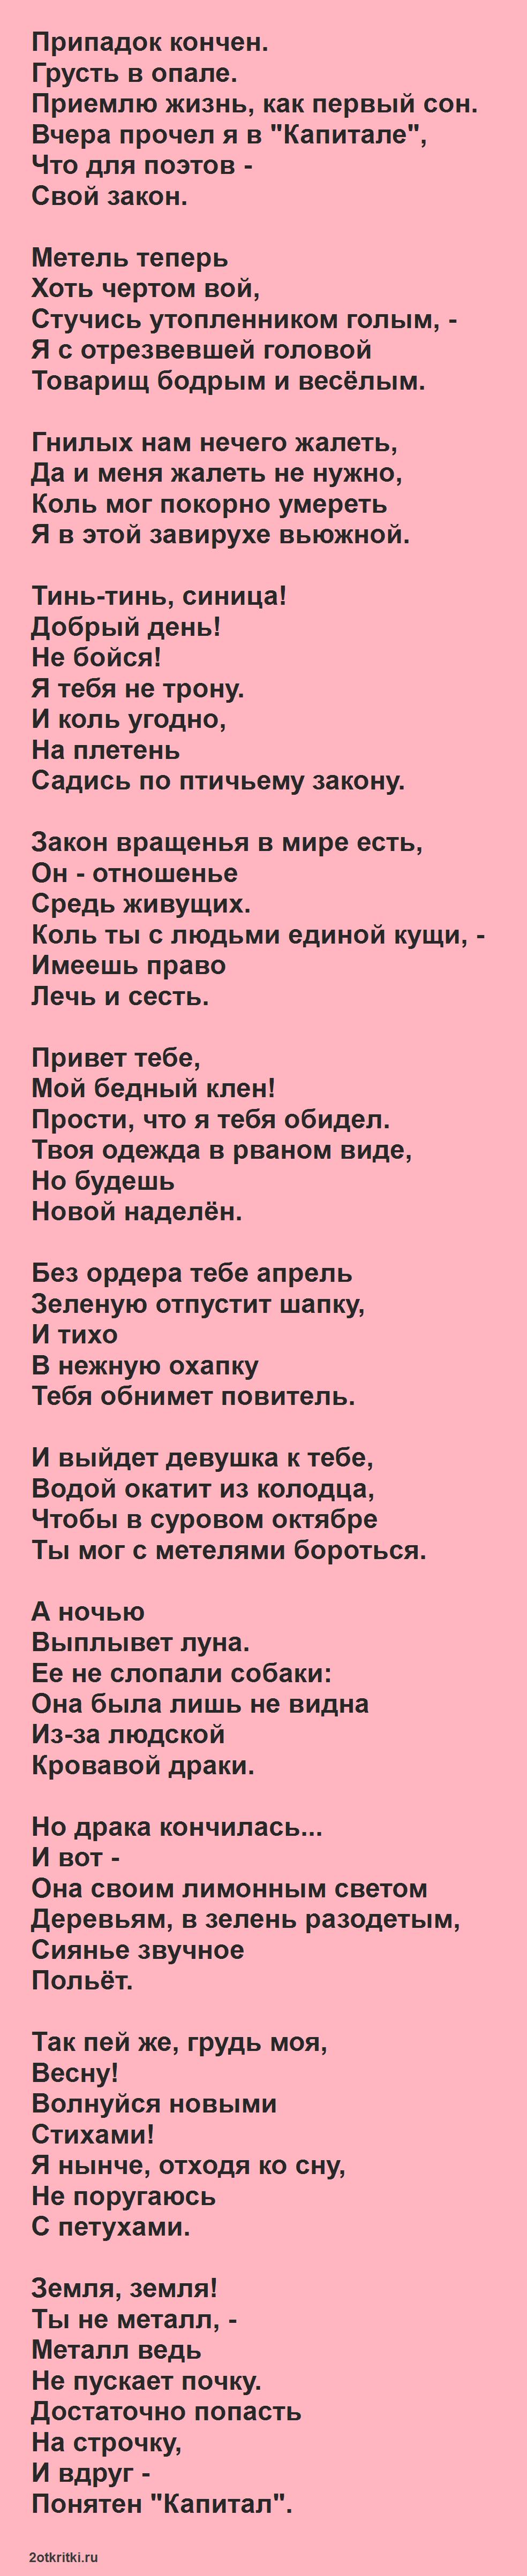 Стихи Есенина - Весна